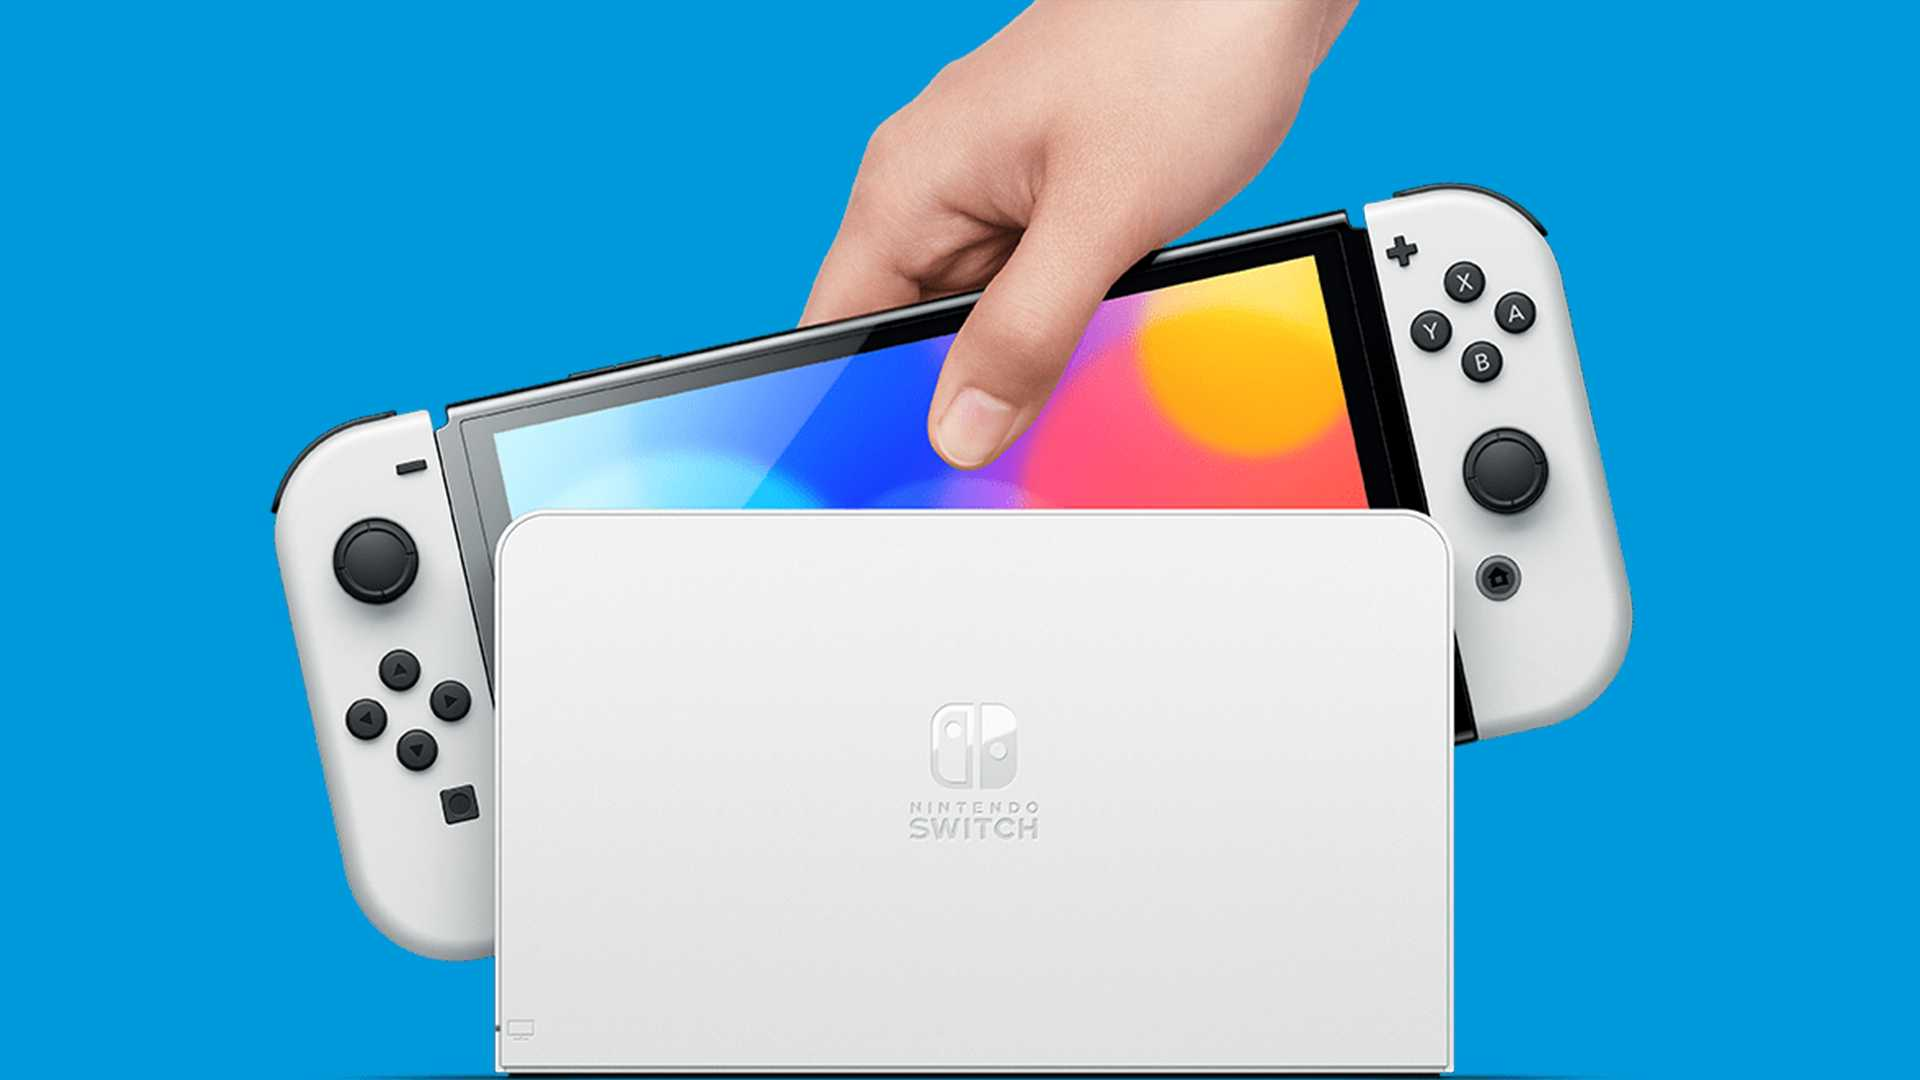 Nintendo Switch Avec Oled : 5 Améliorations Pour Les Fans